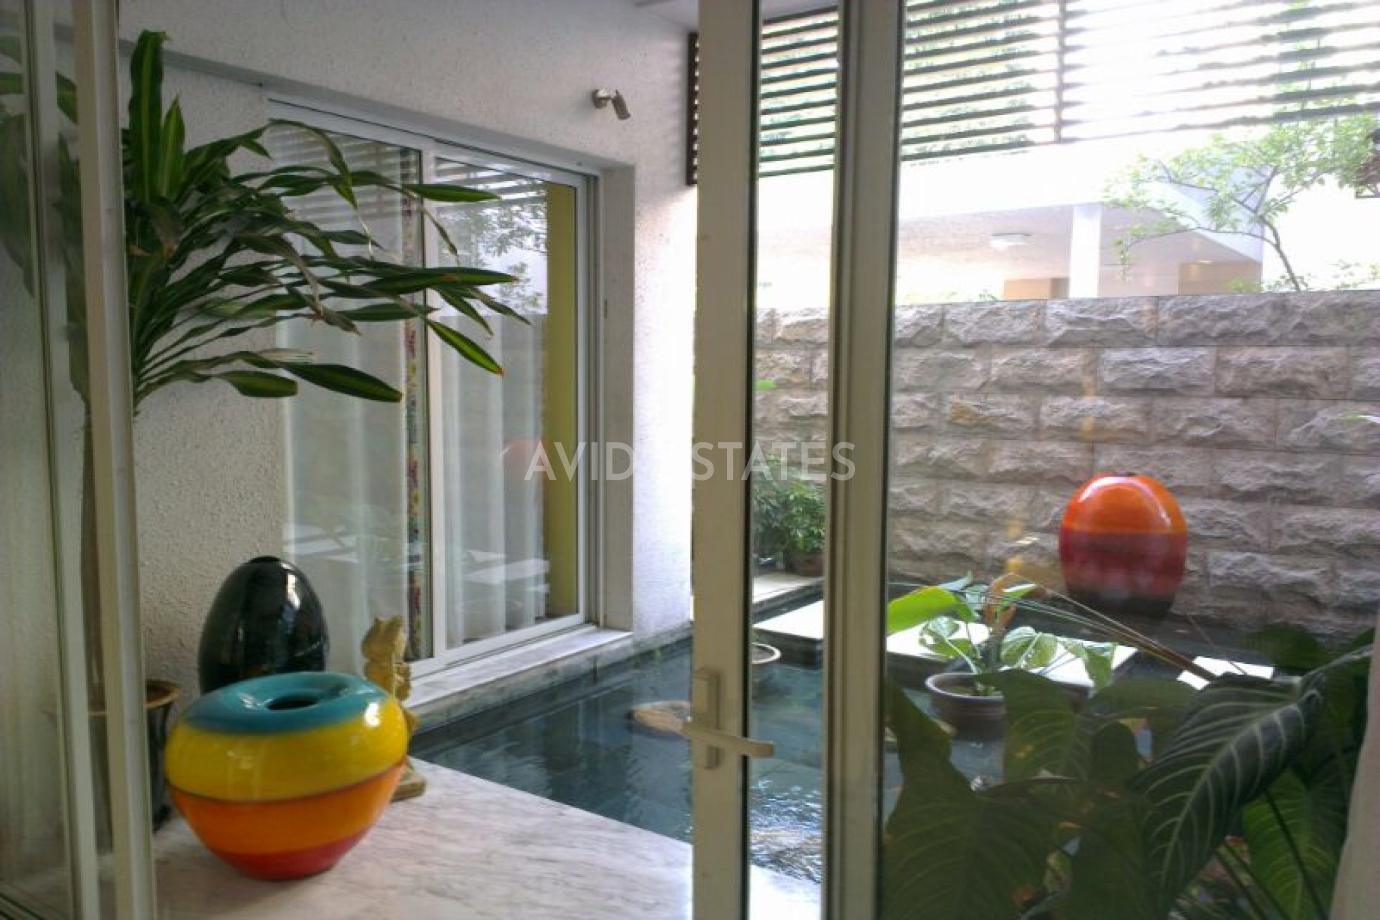 Seventy Damansara, Damansara Heights,Kuala Lumpur, 7 Bedrooms Bedrooms, ,7 BathroomsBathrooms,Bungalow / Detached,For Sale,1050